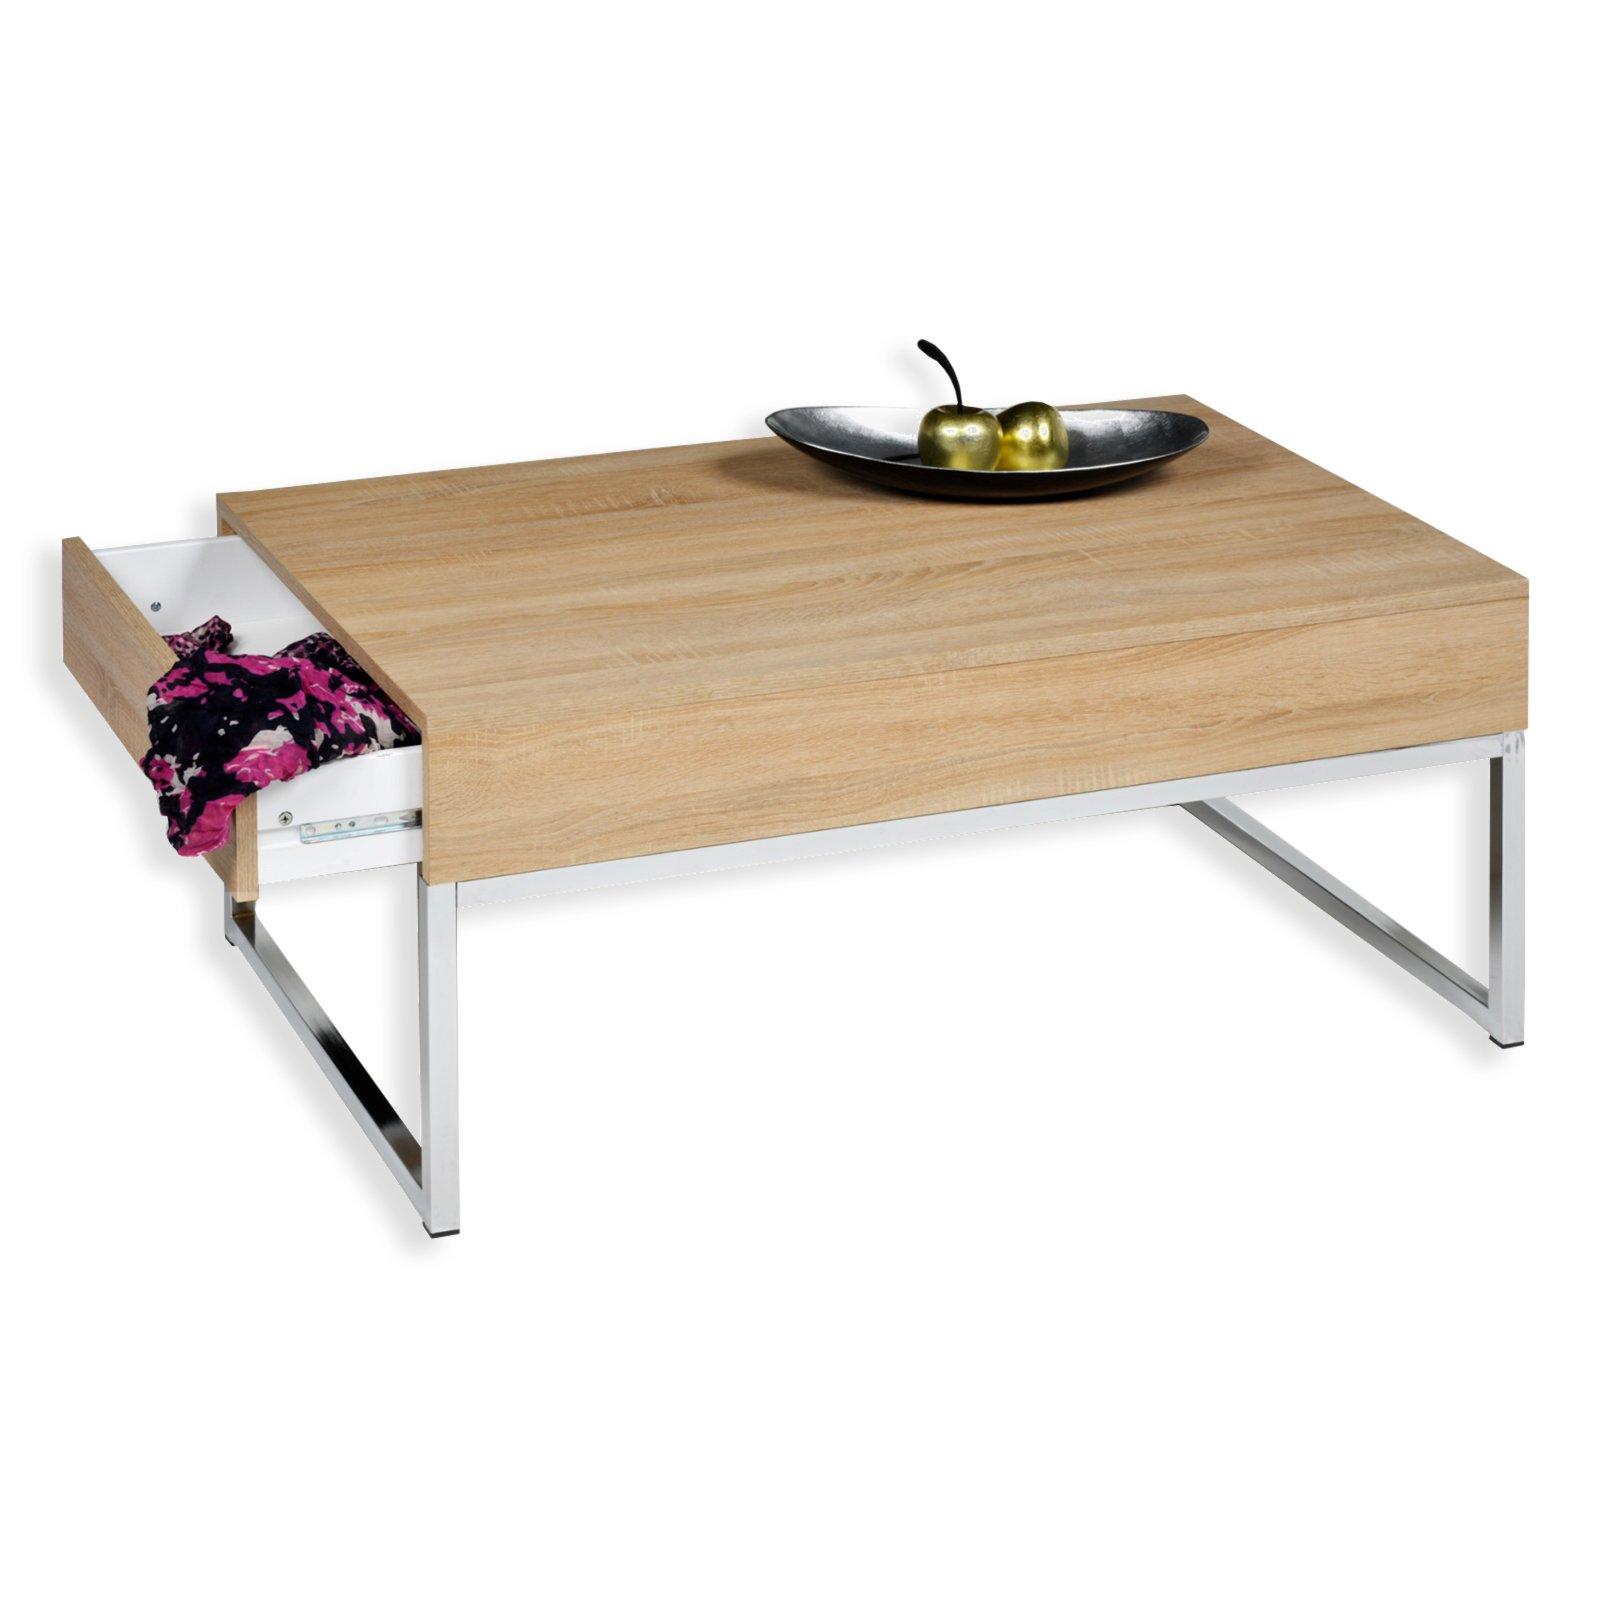 couchtisch napoli sonoma eiche mit schubkasten couchtische wohnzimmer wohnbereiche. Black Bedroom Furniture Sets. Home Design Ideas